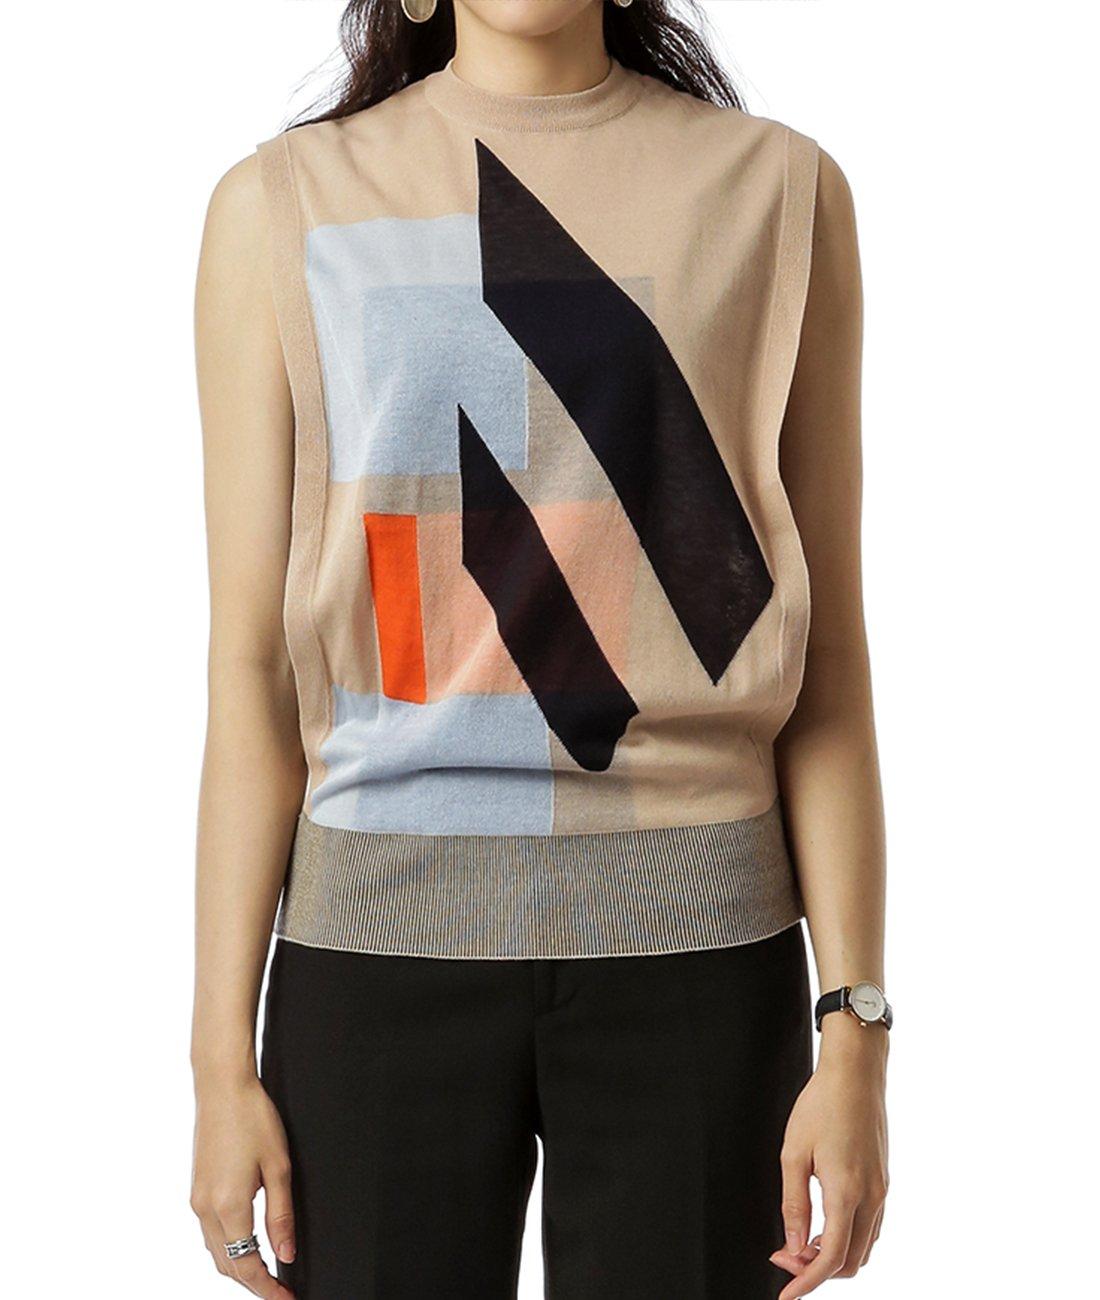 Wiberlux Acne Bena Trans Women's Geometric Pattern Open Side Vest M Beige